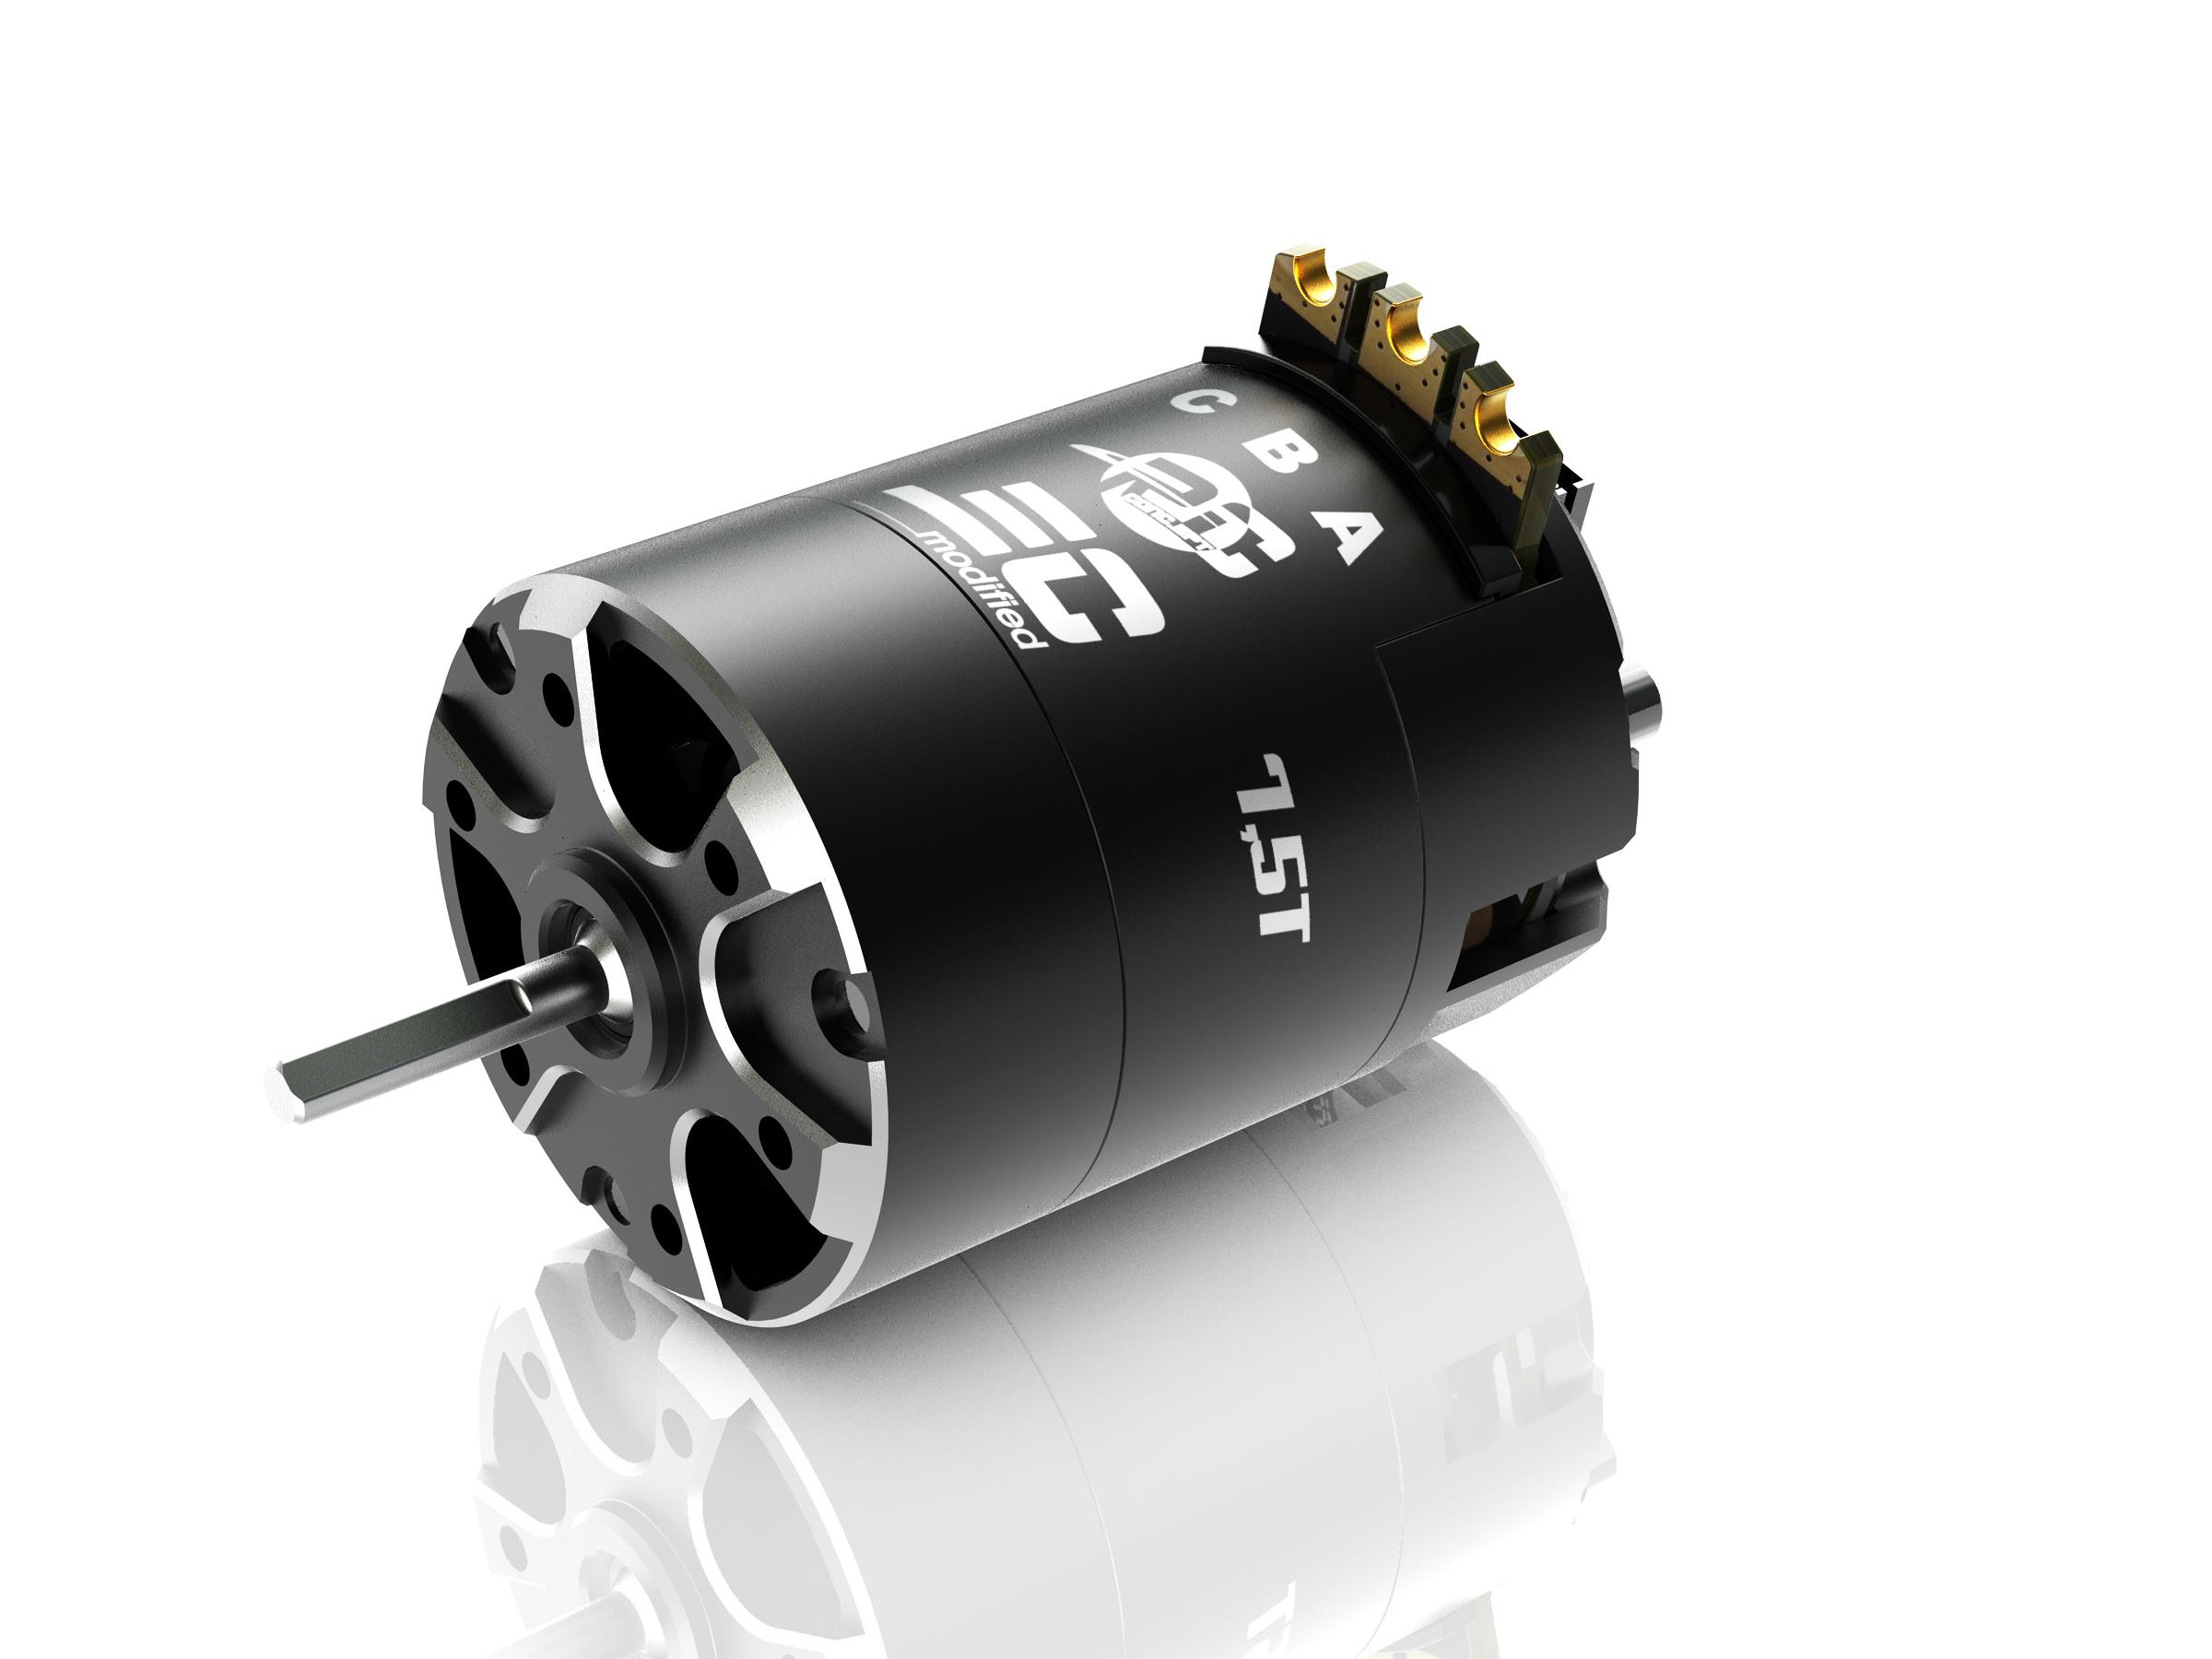 RC Concept Moteur Brushless EC-5.0 1/10 7.5T, 20400050